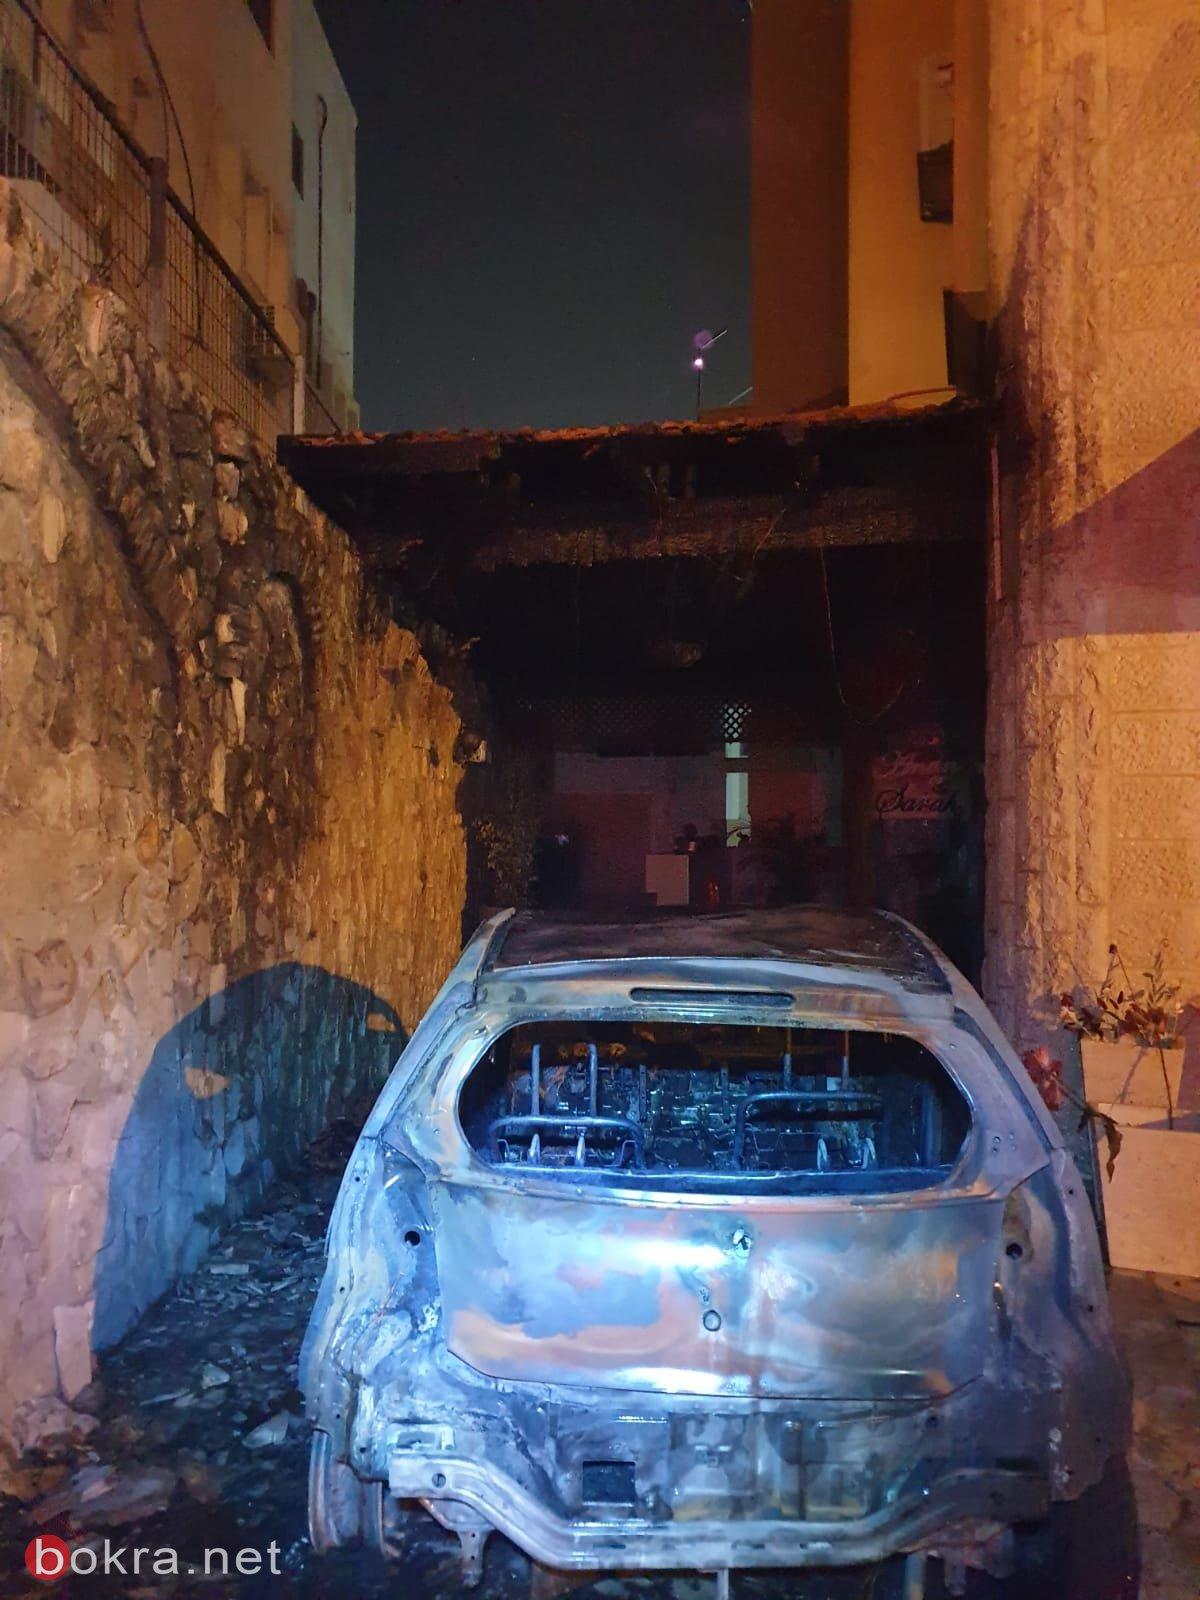 الطيبة: اندلاع حريق في سيارة